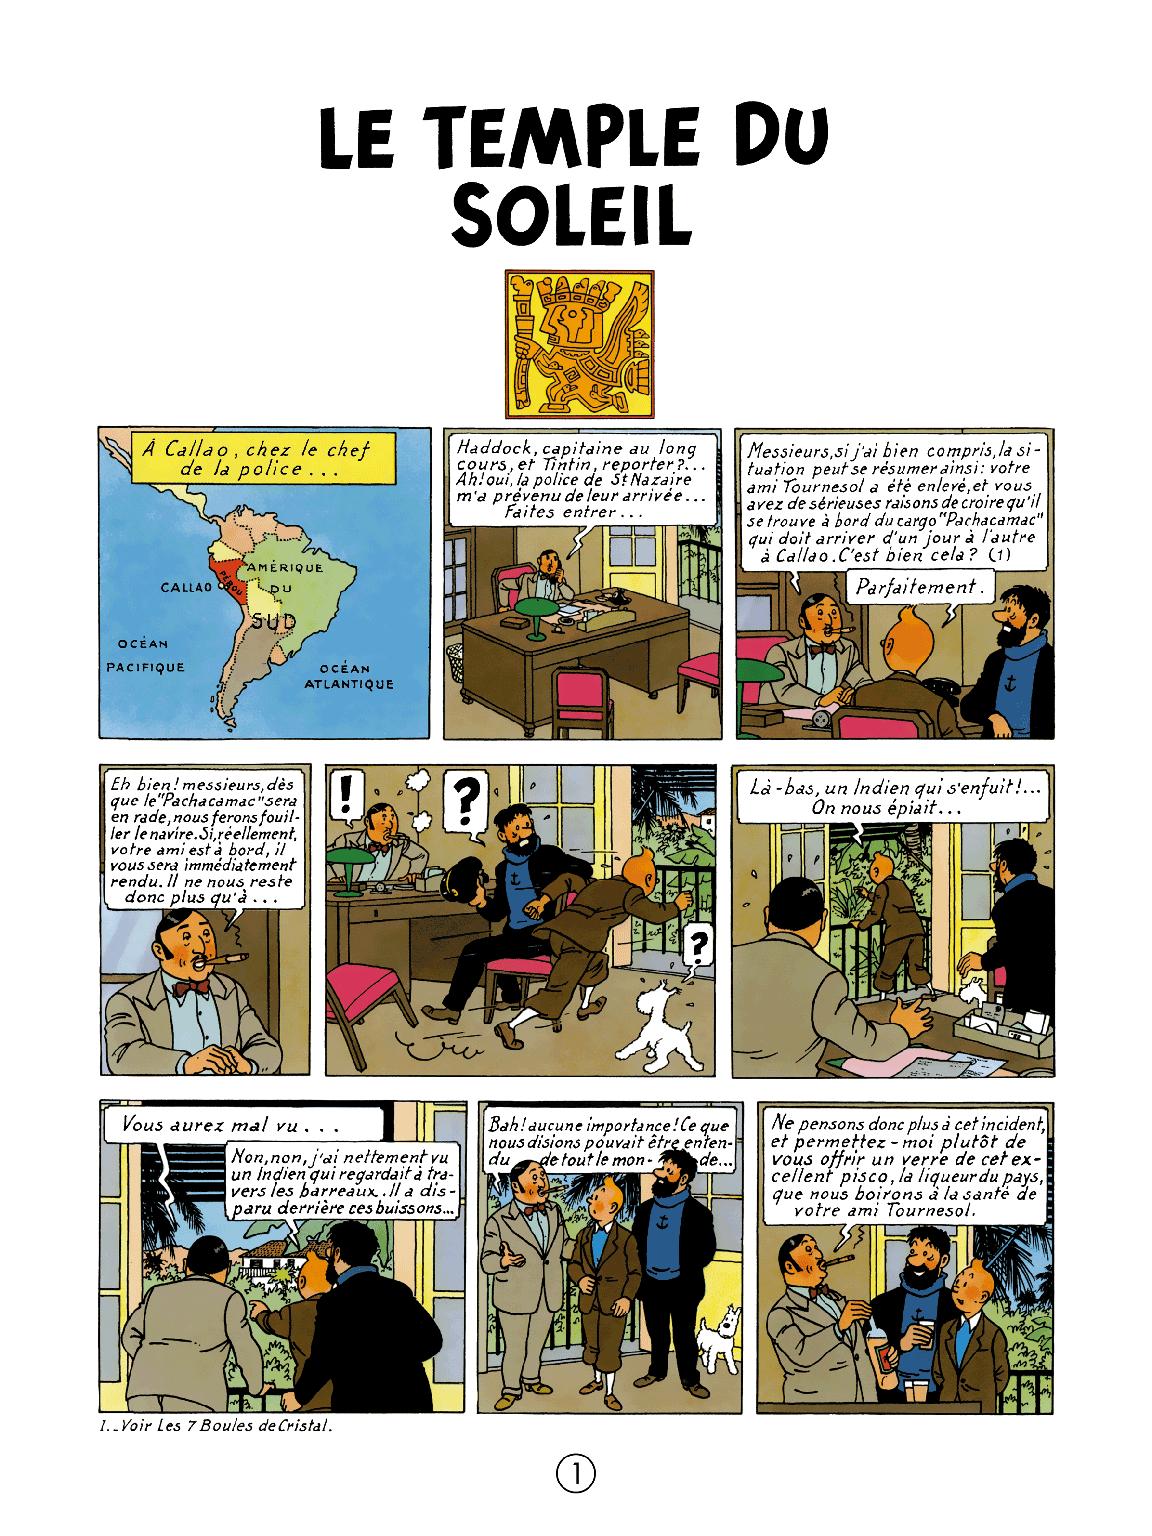 Le Temple du Soleil - page 1